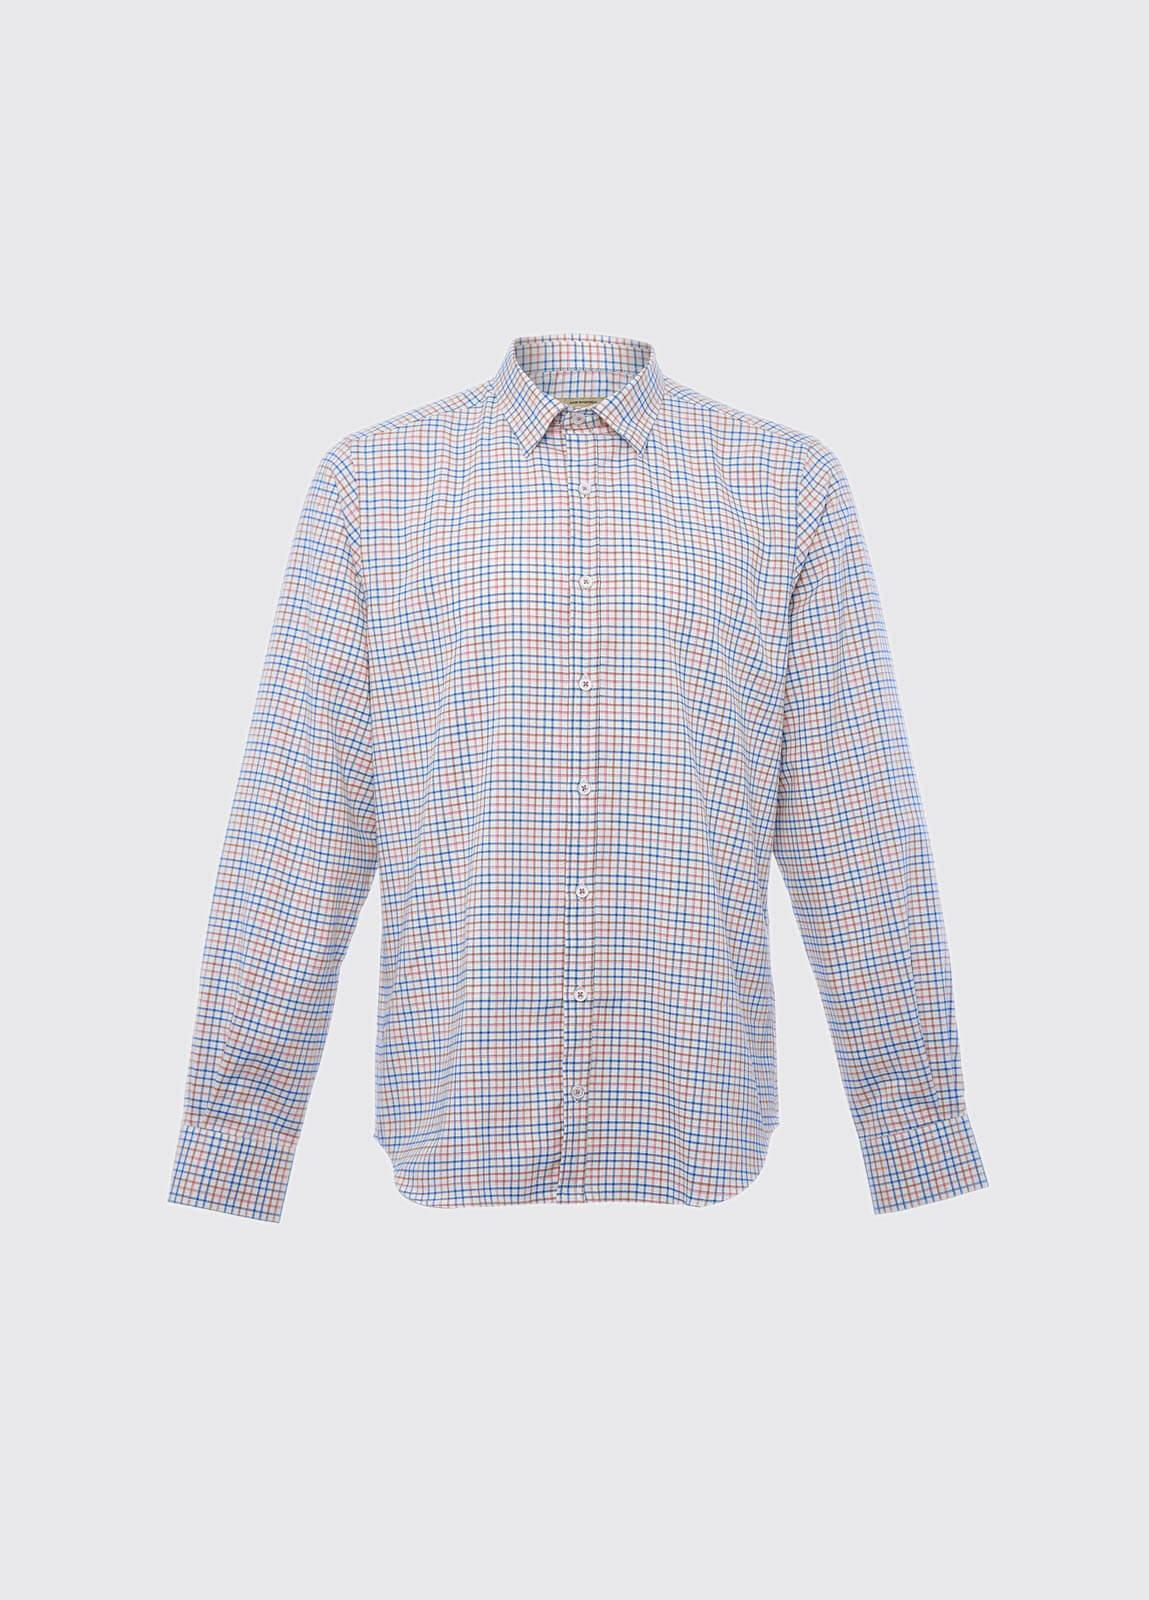 Foxford Shirt - Cardinal